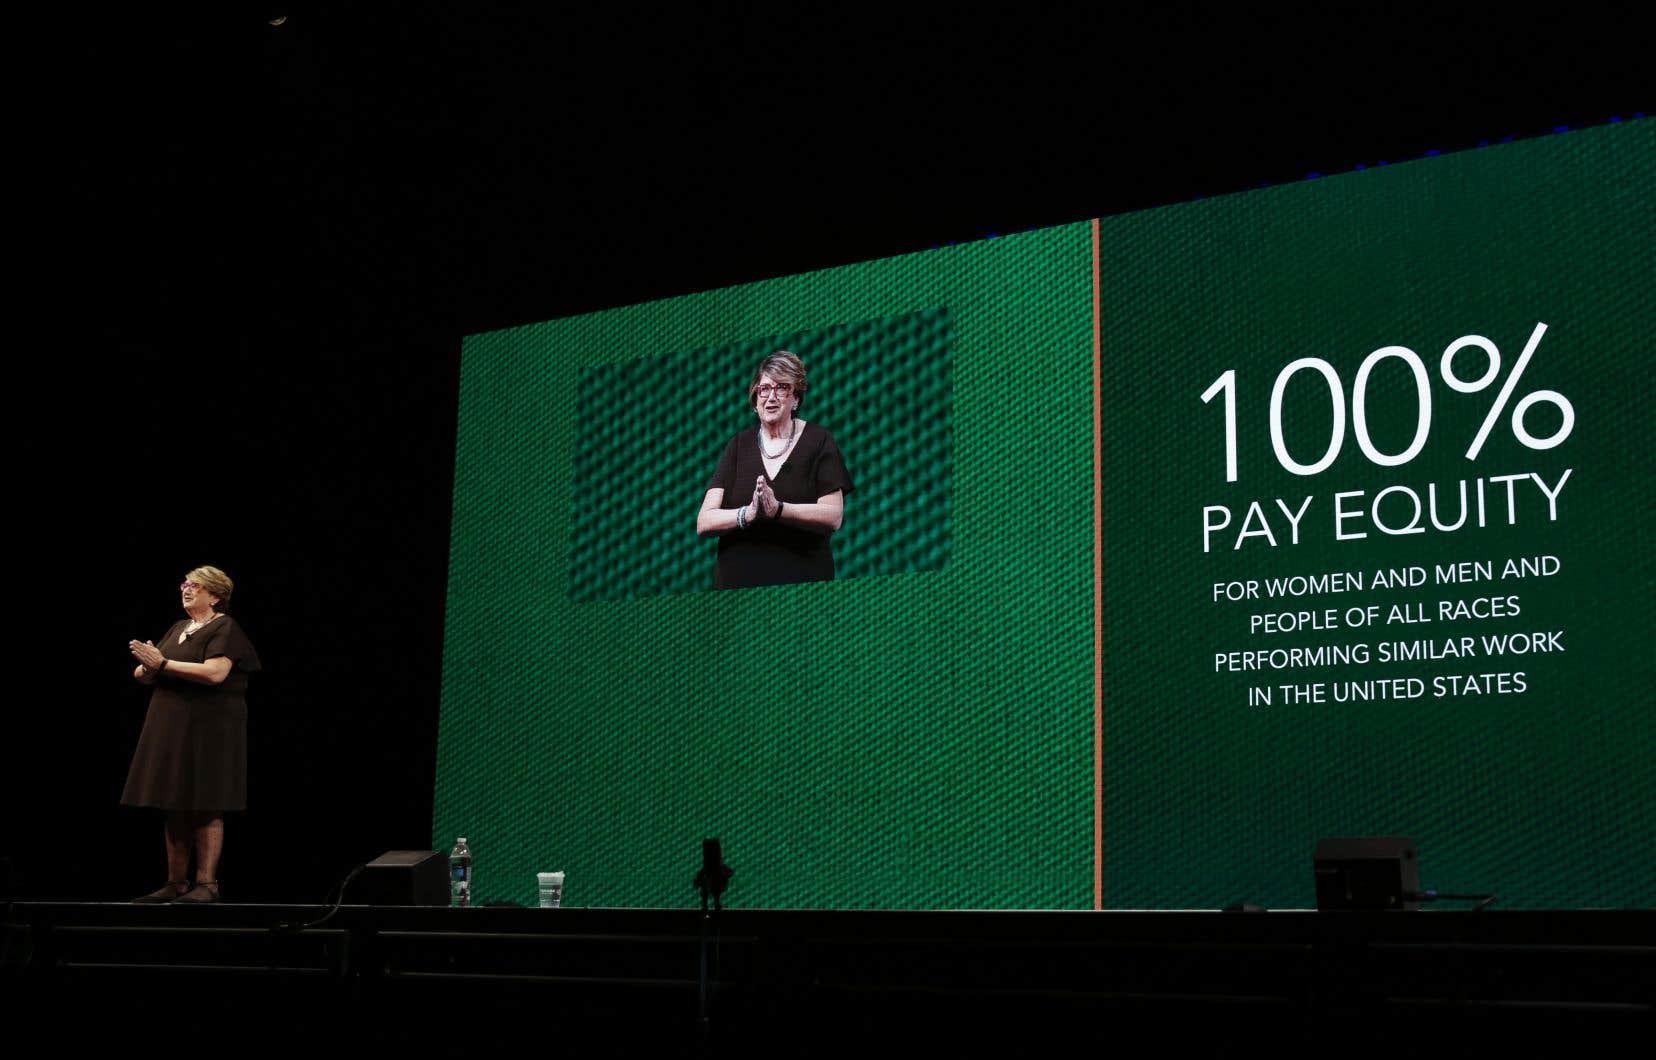 La vice-présidente, Lucy Helm, a expliqué qu'on pourrait devoir attendre jusqu'en 2119 avant d'effacer l'écart salarial dans toute l'économie américaine.